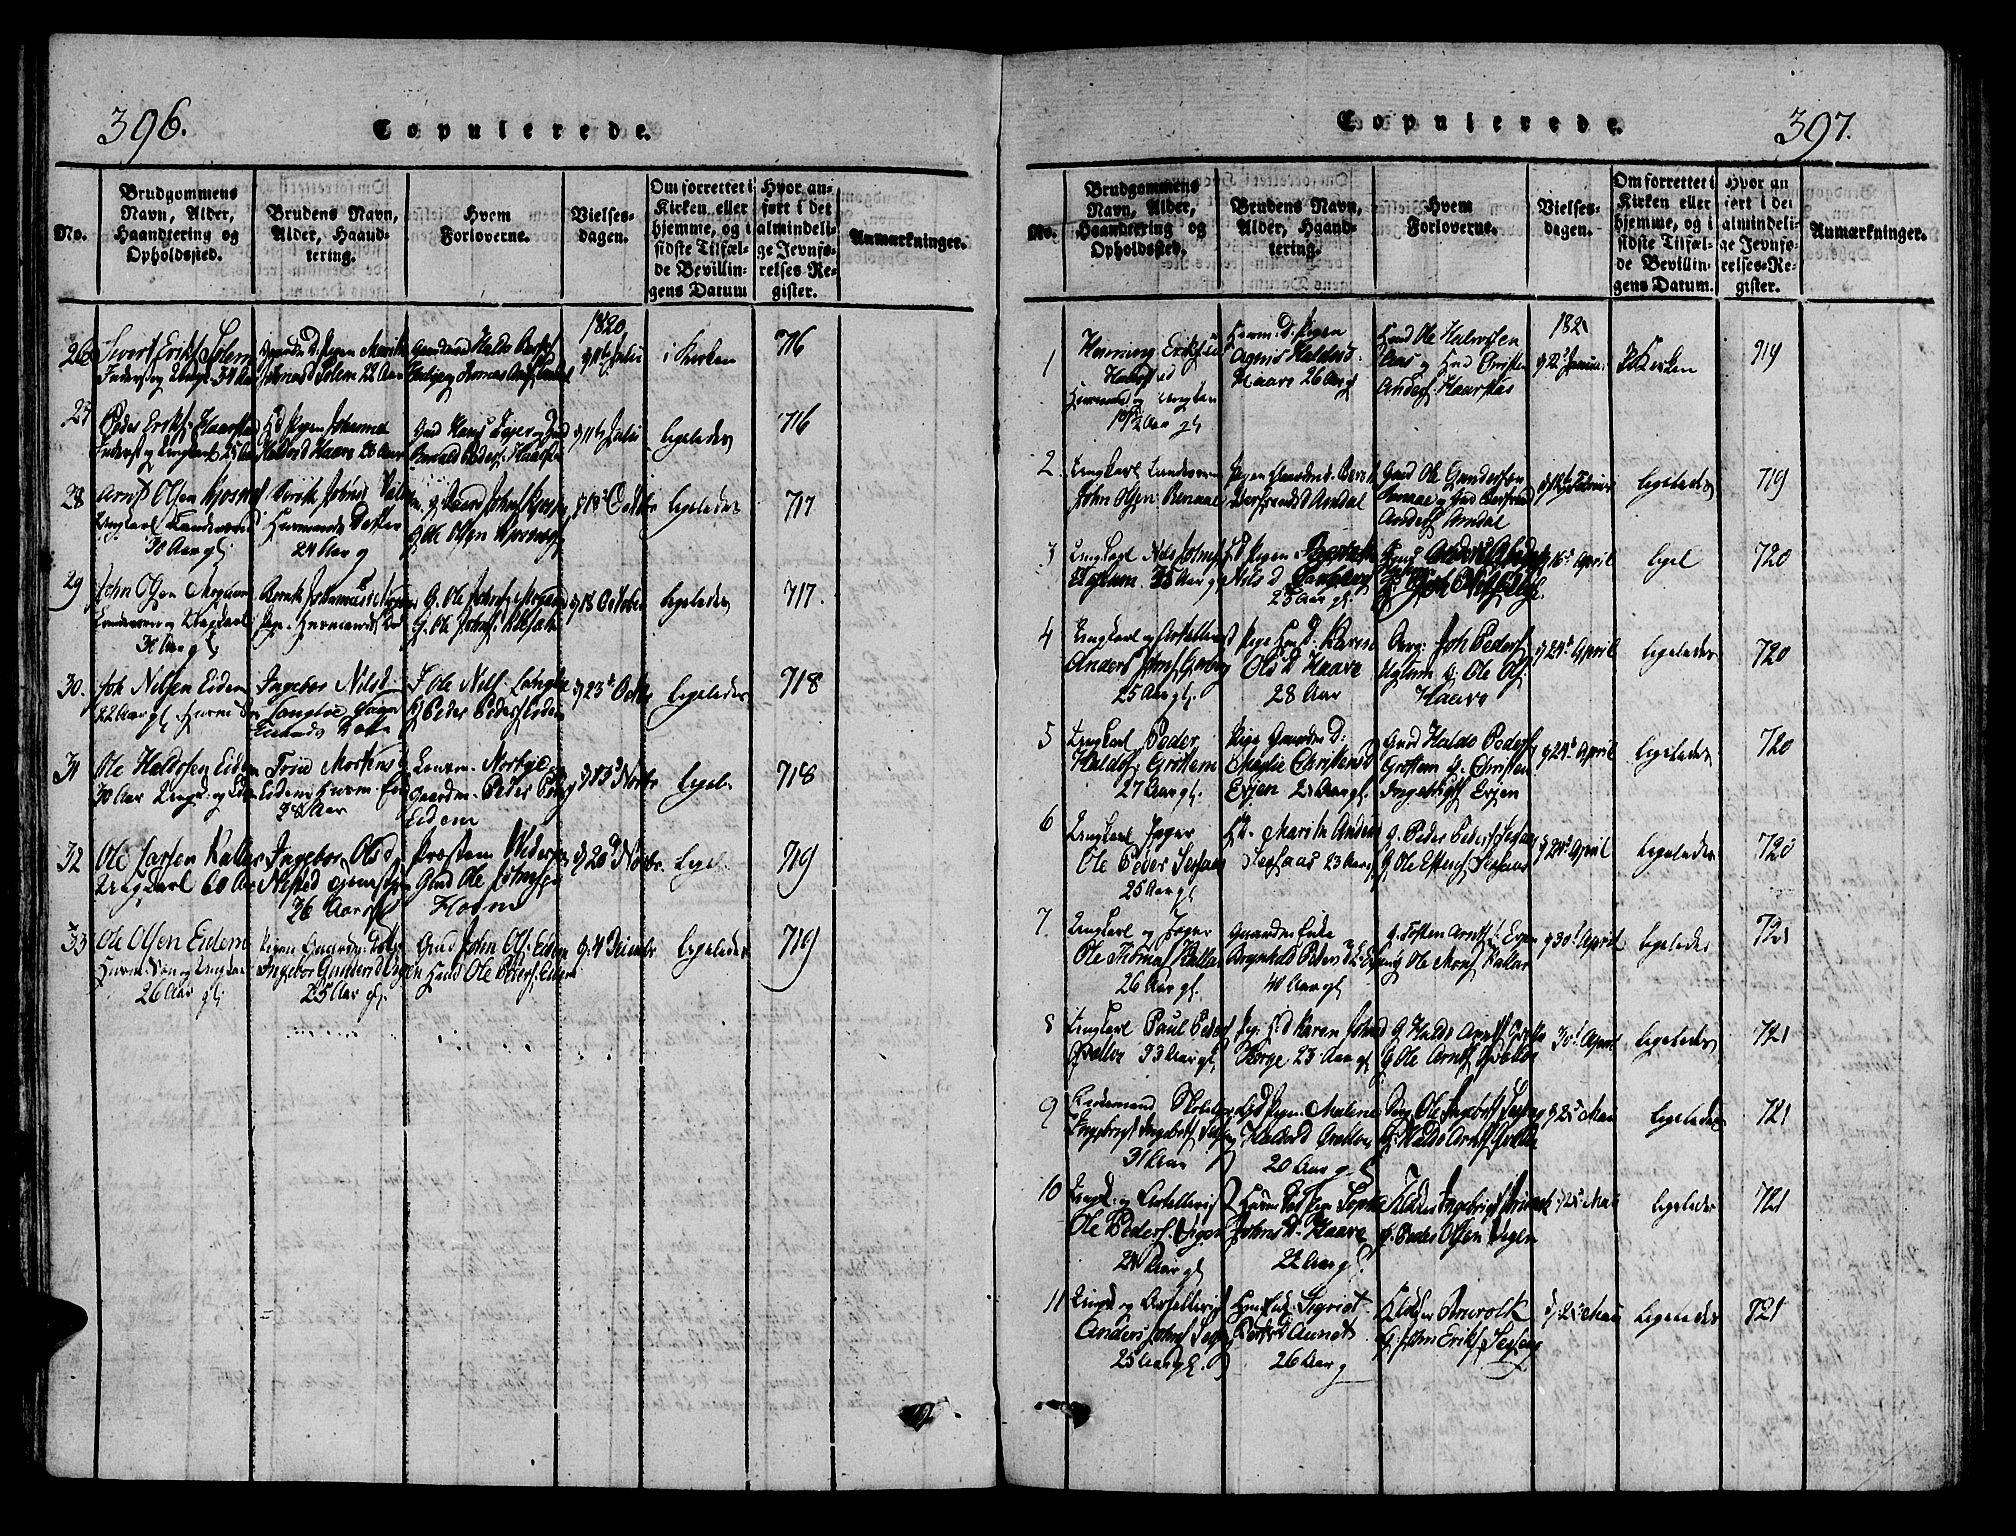 SAT, Ministerialprotokoller, klokkerbøker og fødselsregistre - Sør-Trøndelag, 695/L1141: Ministerialbok nr. 695A04 /1, 1816-1824, s. 396-397